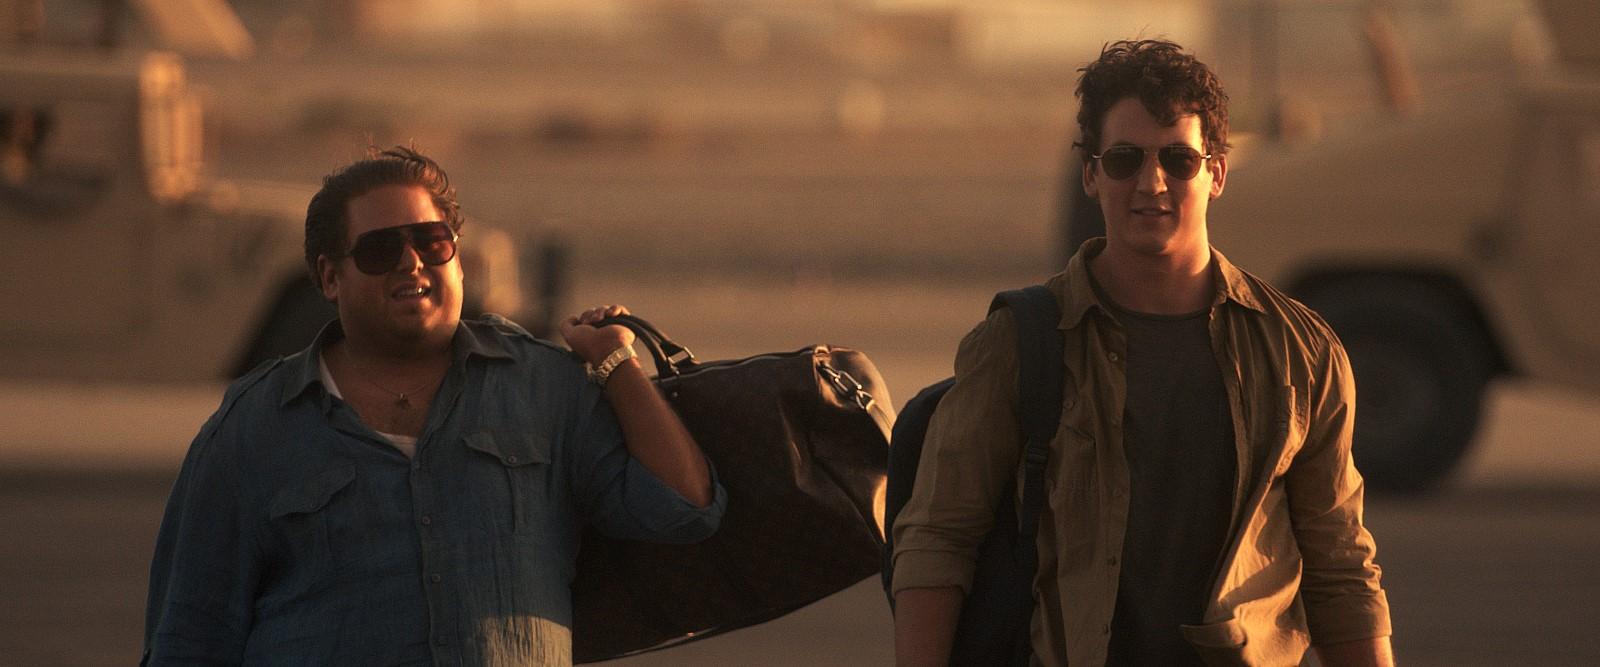 Efraim (Jonah Hill) et David (Miles Teller)